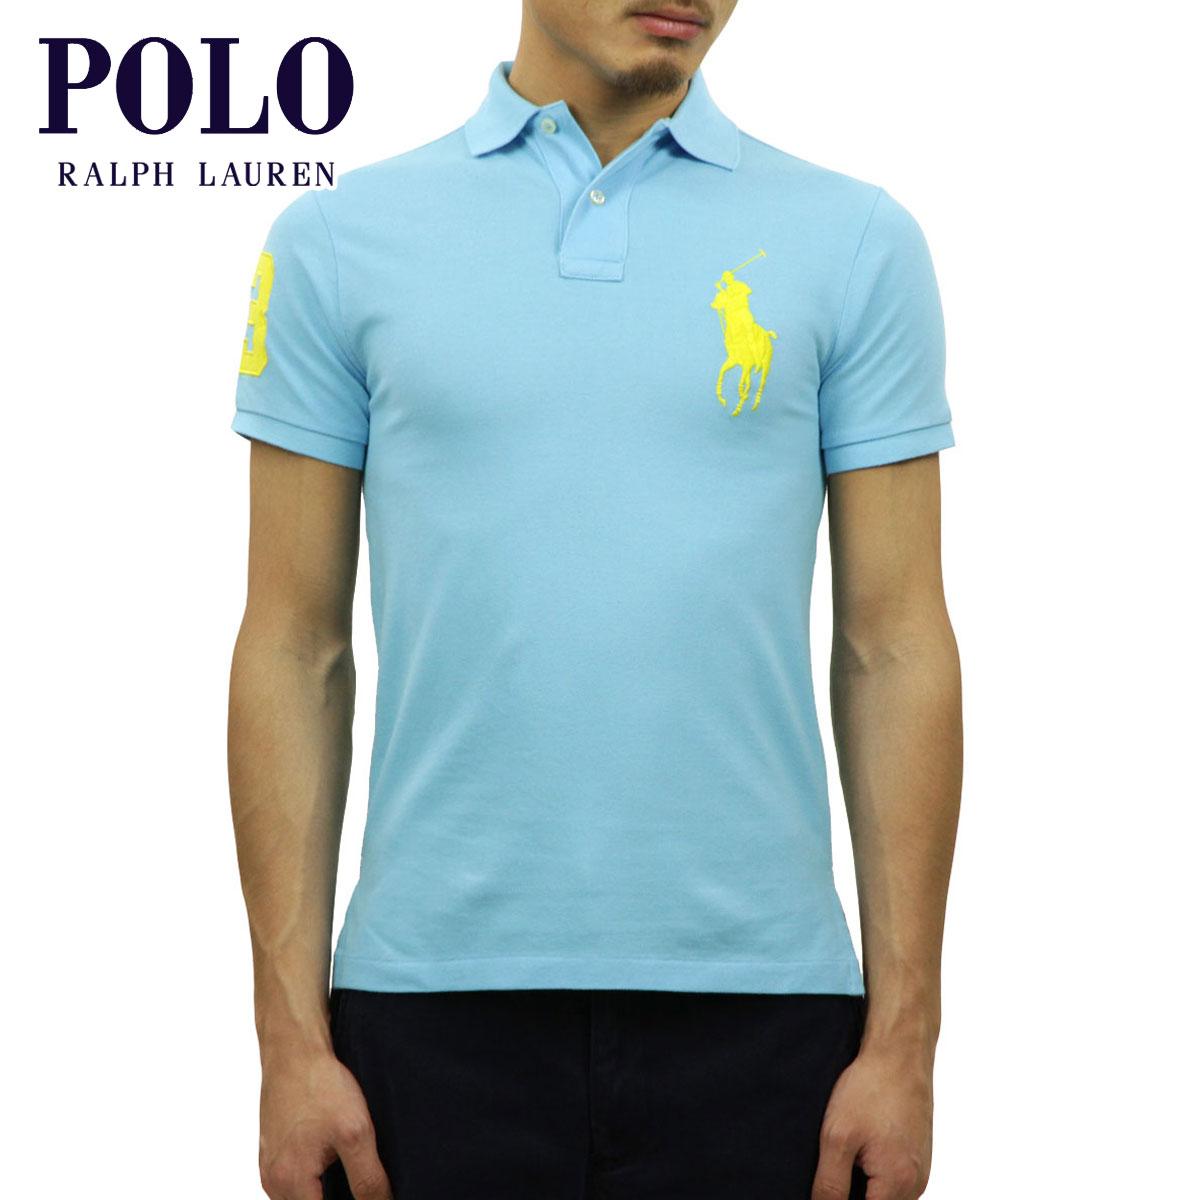 ポロ ラルフローレン POLO RALPH LAUREN 正規品 メンズ ポロシャツ CUSTOM-FIT BIG PONY POLO D00S20